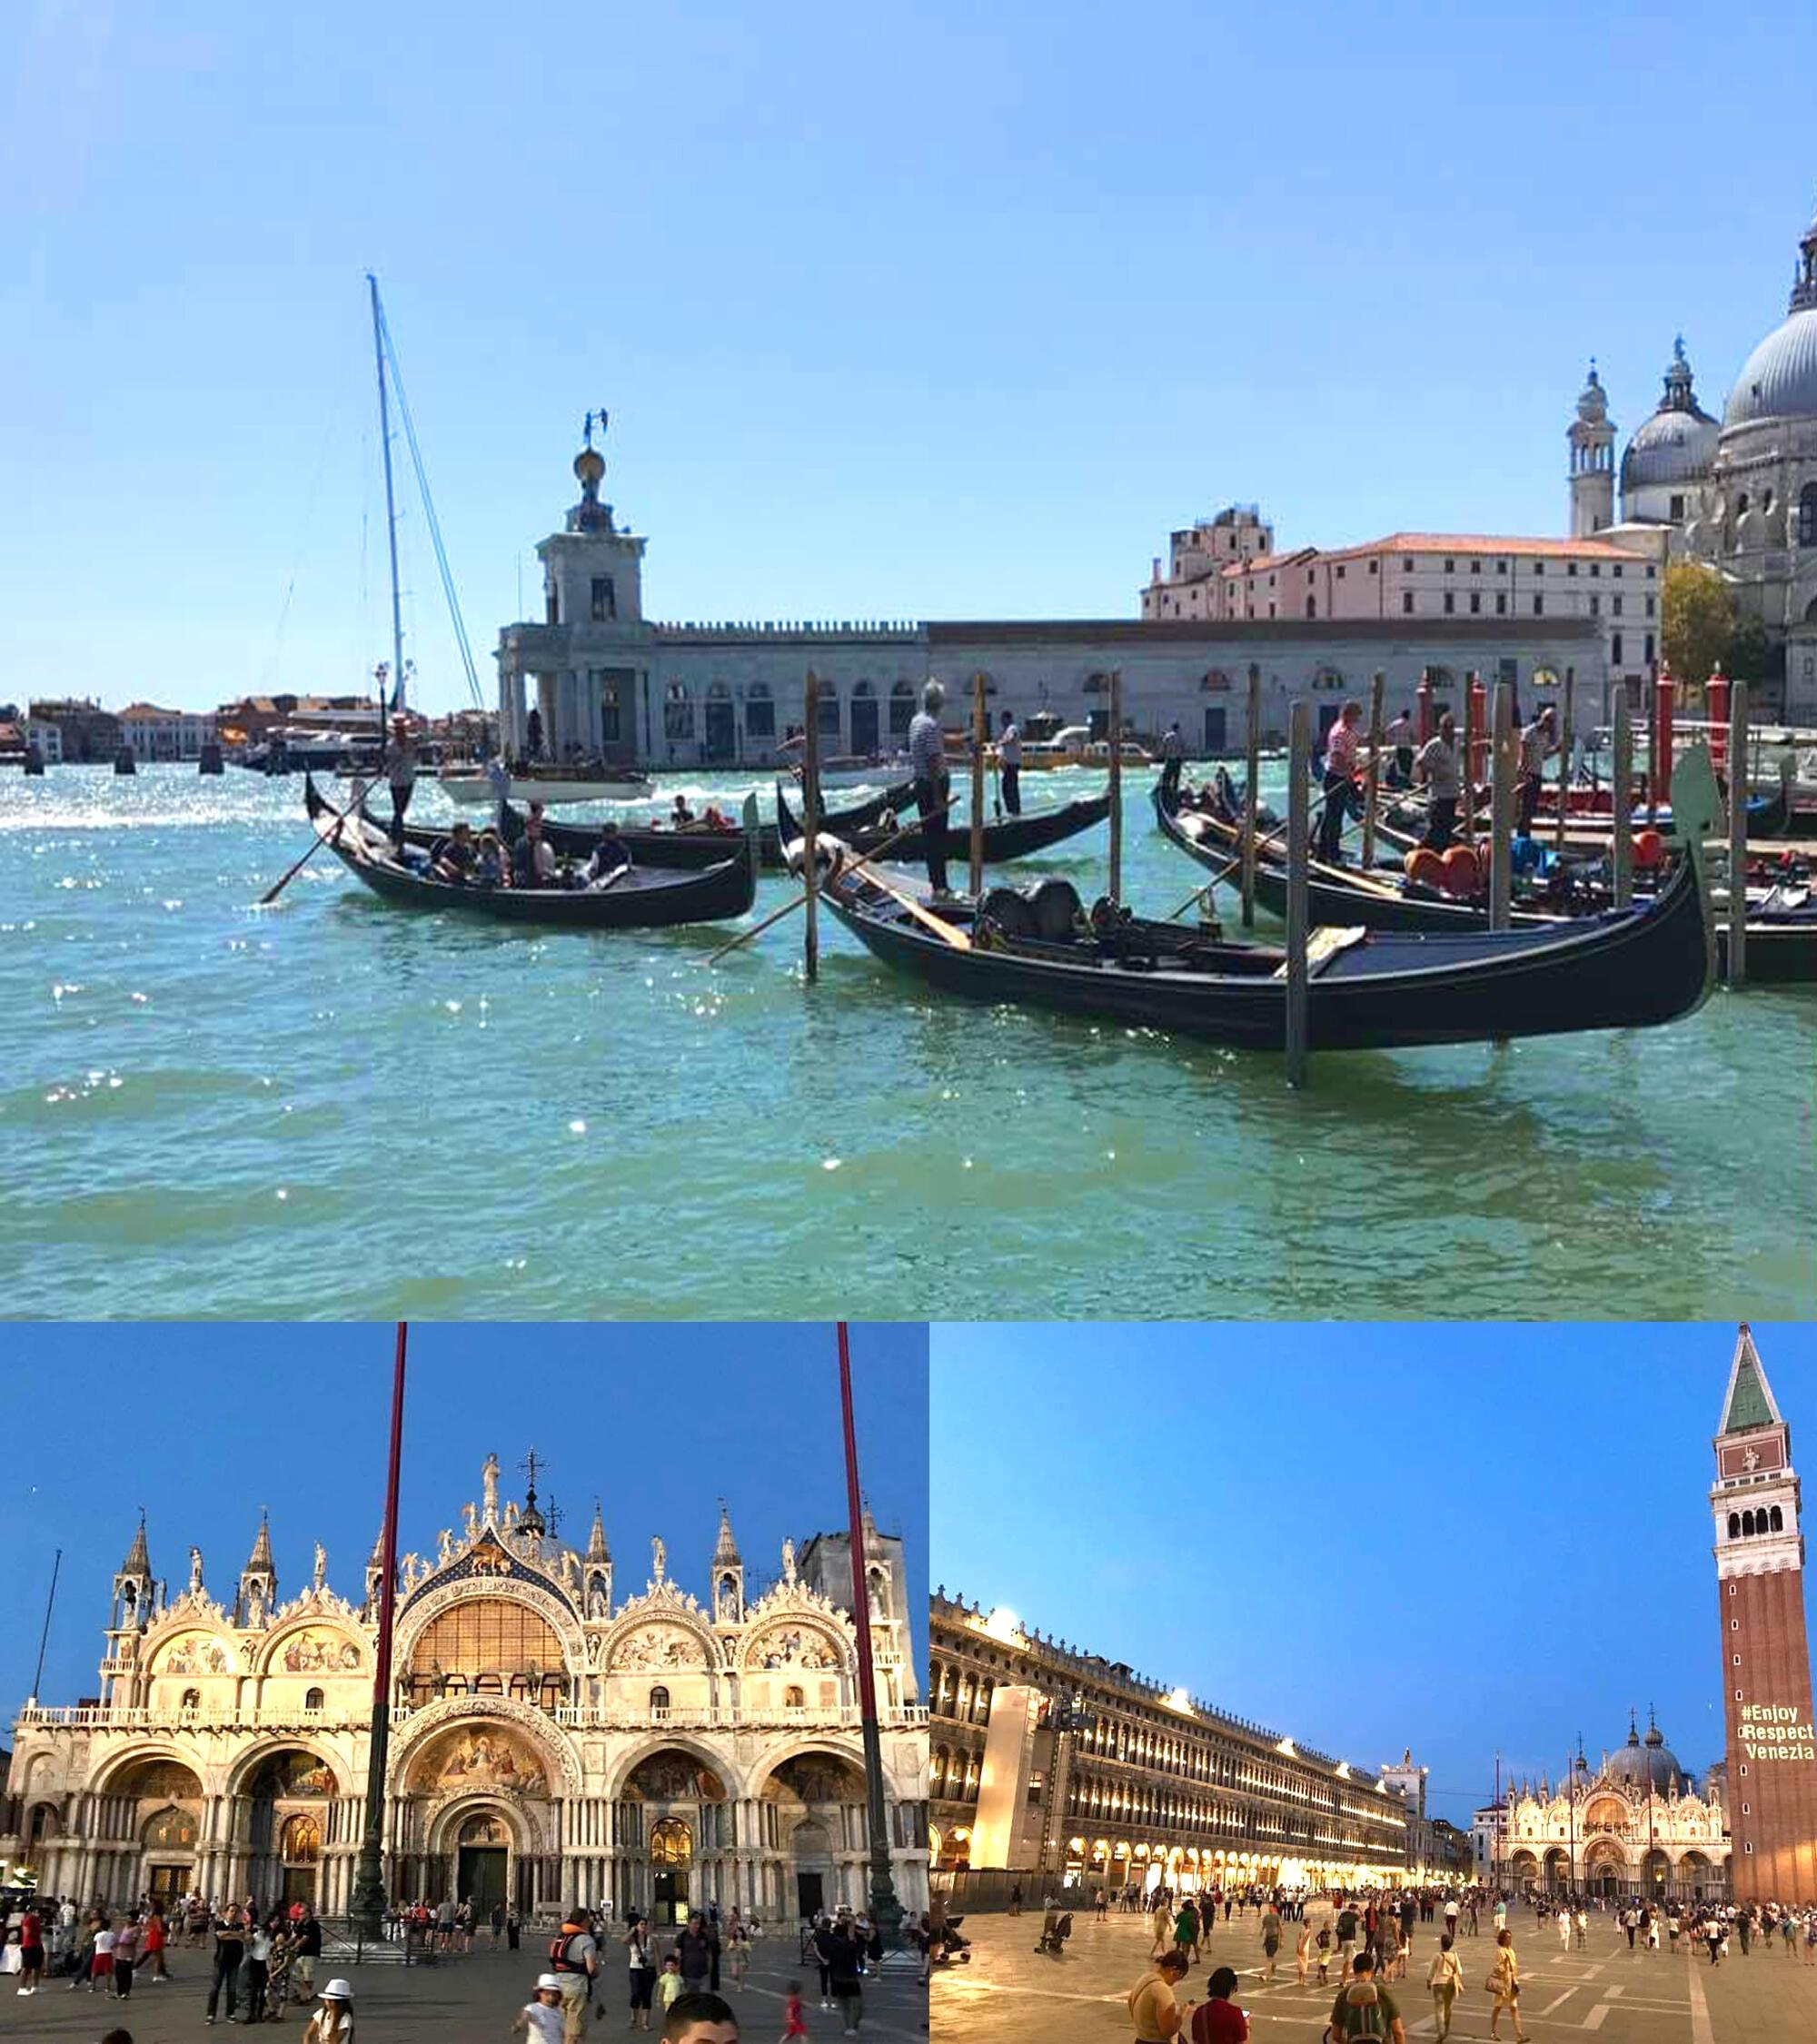 Ý hãnh diện là quốc gia có rất nhiều danh lam thắng cảnh được Unesco xếp vào danh sách Di sản văn hóa thế giới